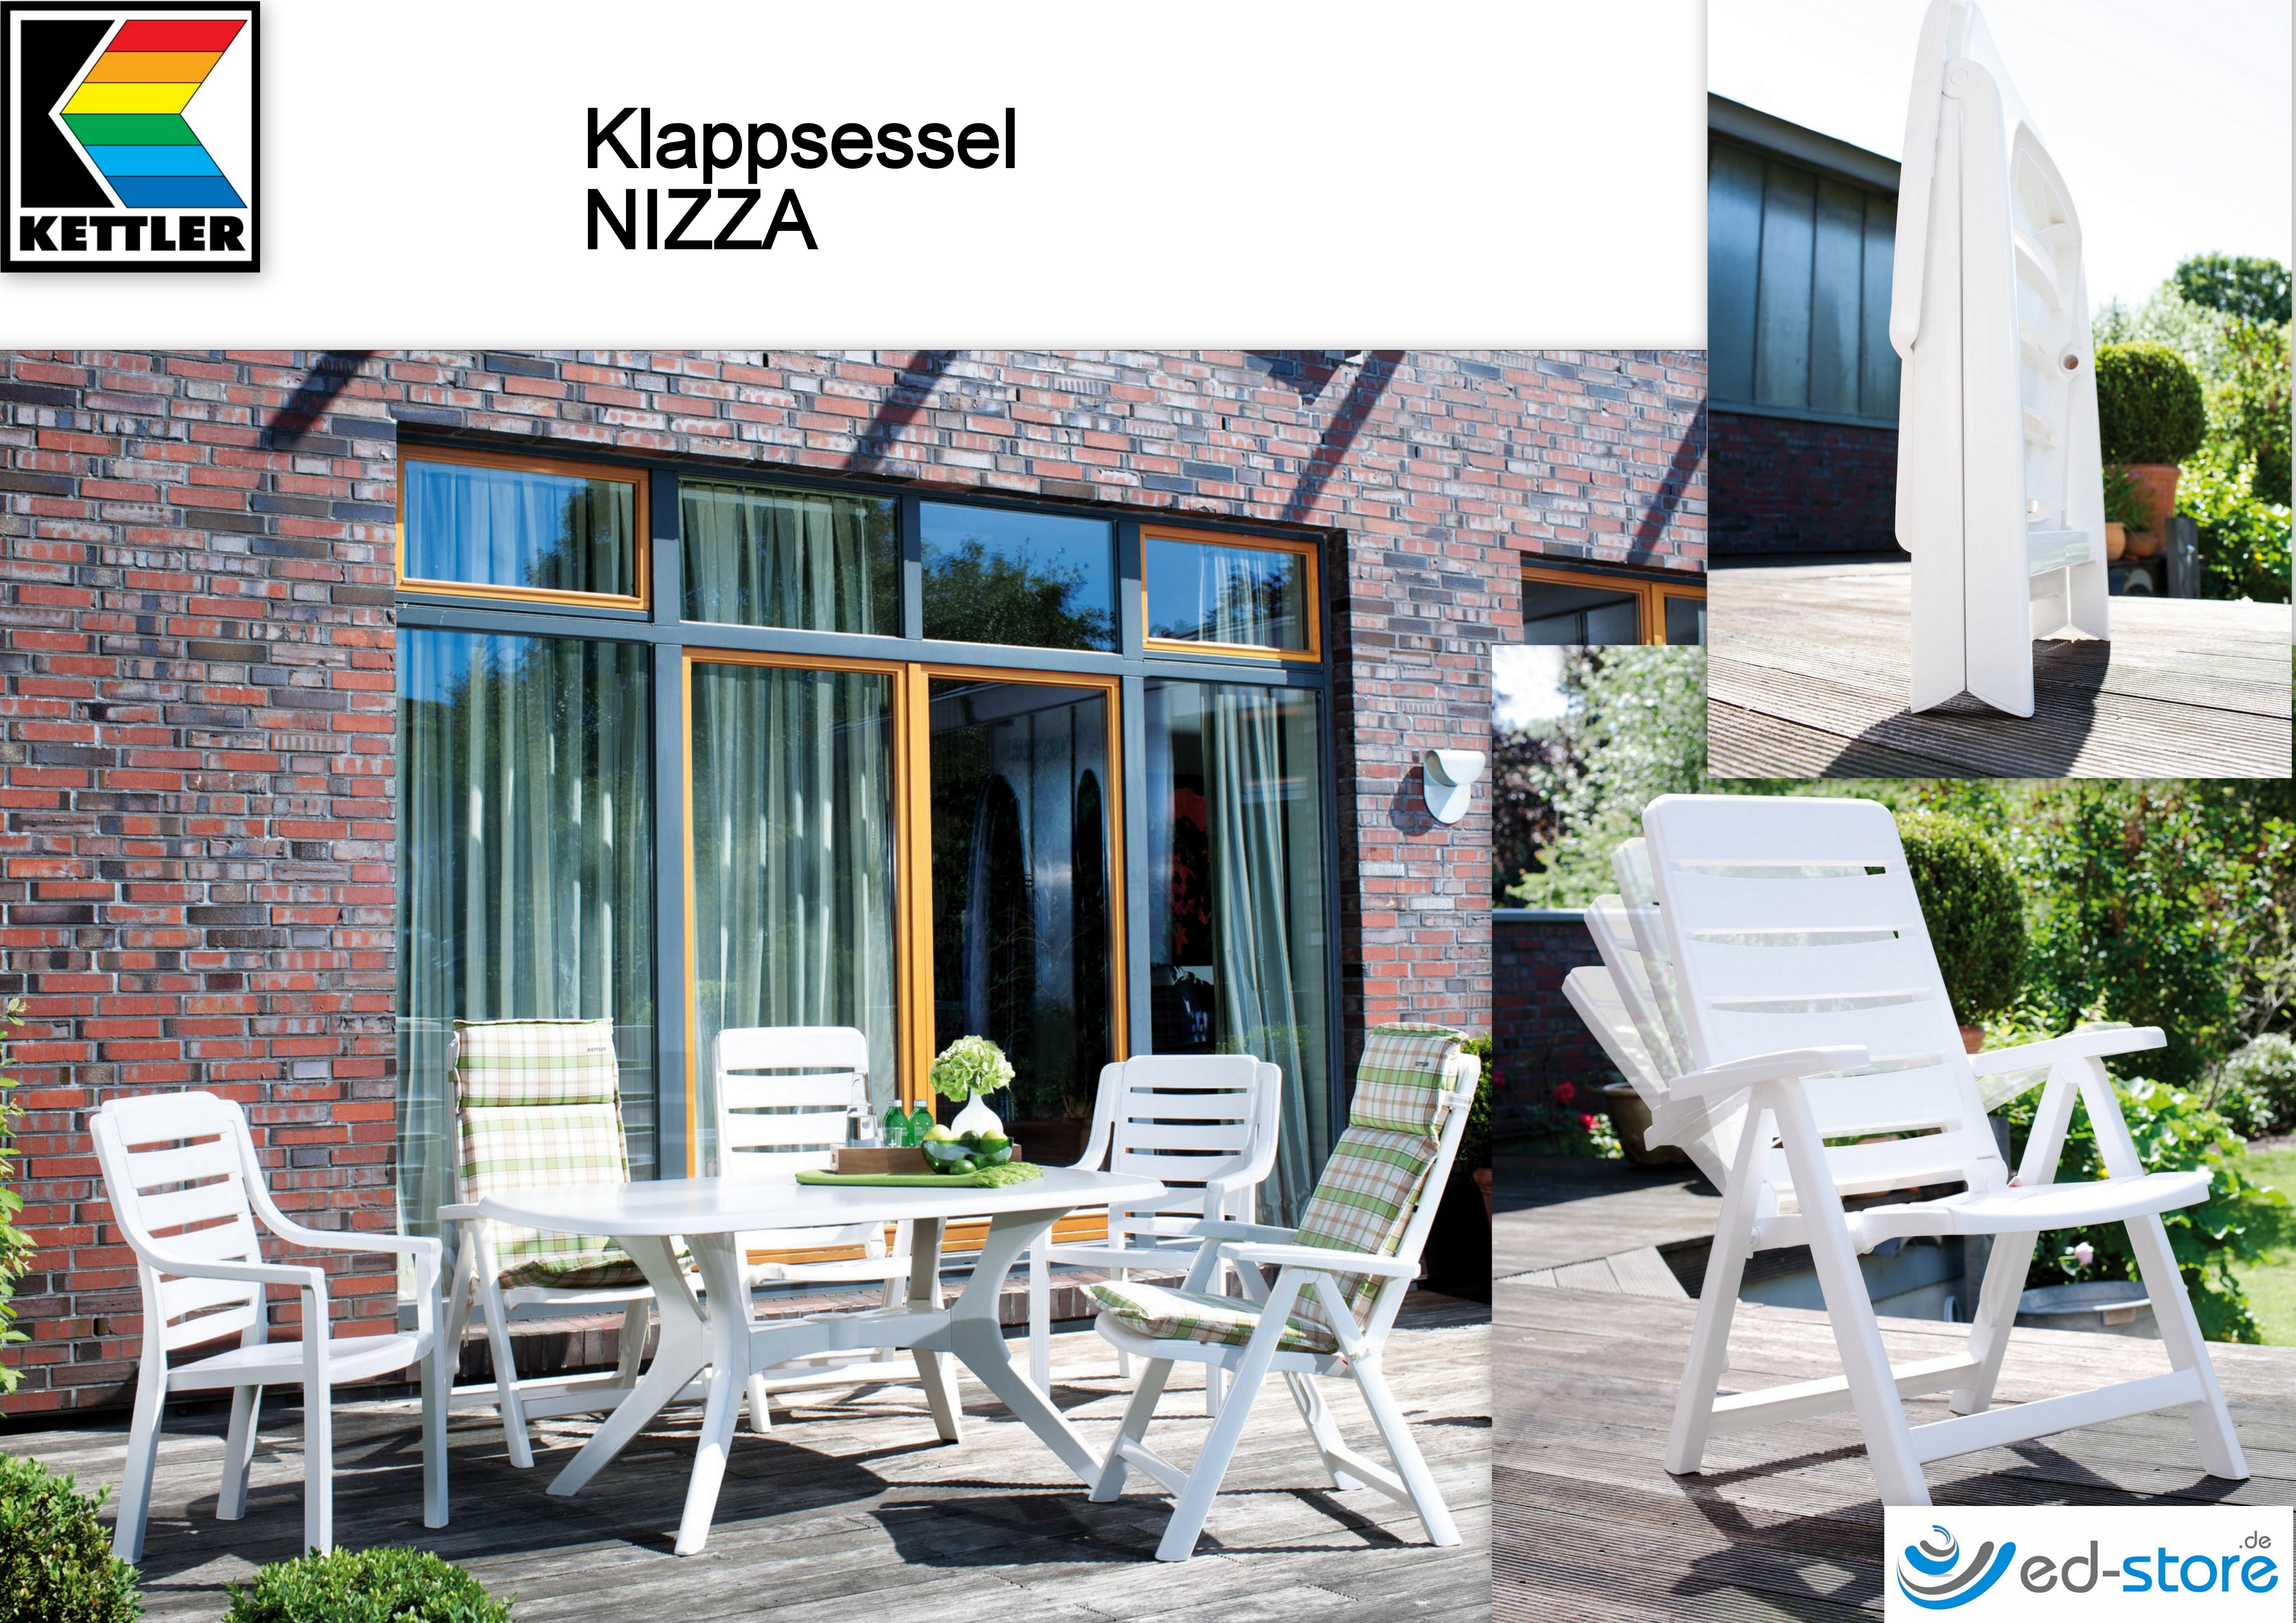 kettler klappsessel nizza kunststoff gartenst hle gartenm bel freizeit wellness ed. Black Bedroom Furniture Sets. Home Design Ideas